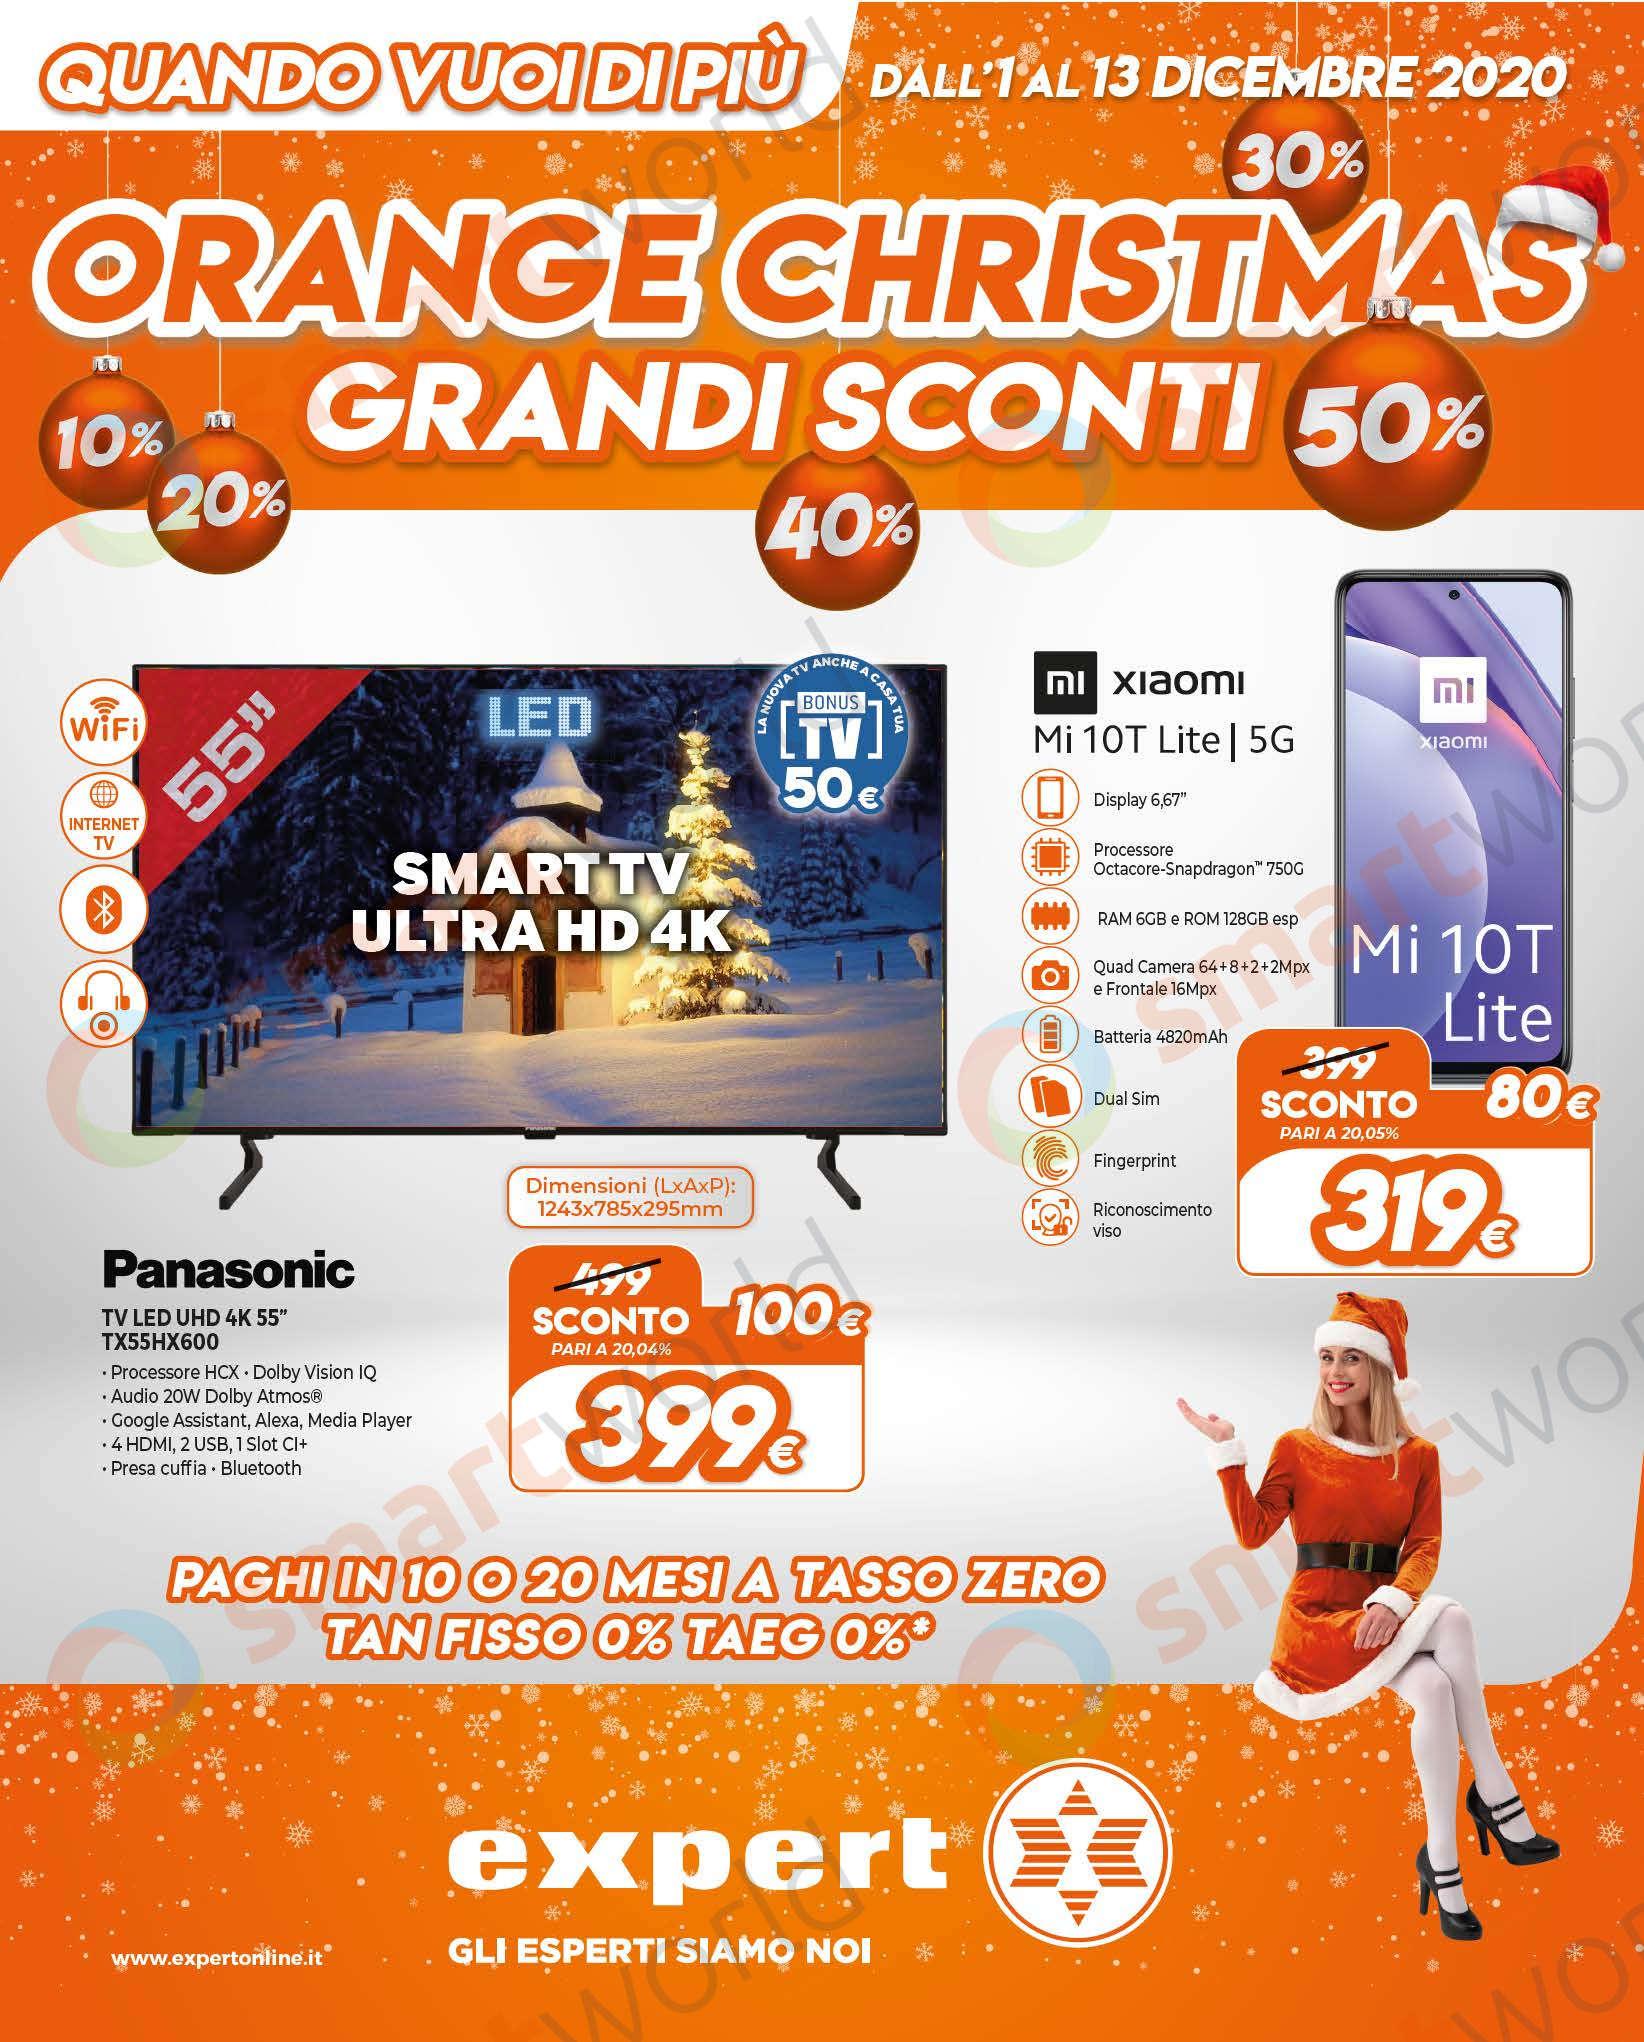 Volantino Expert Orange Christmas 1-13 dicembre 2020 (1)